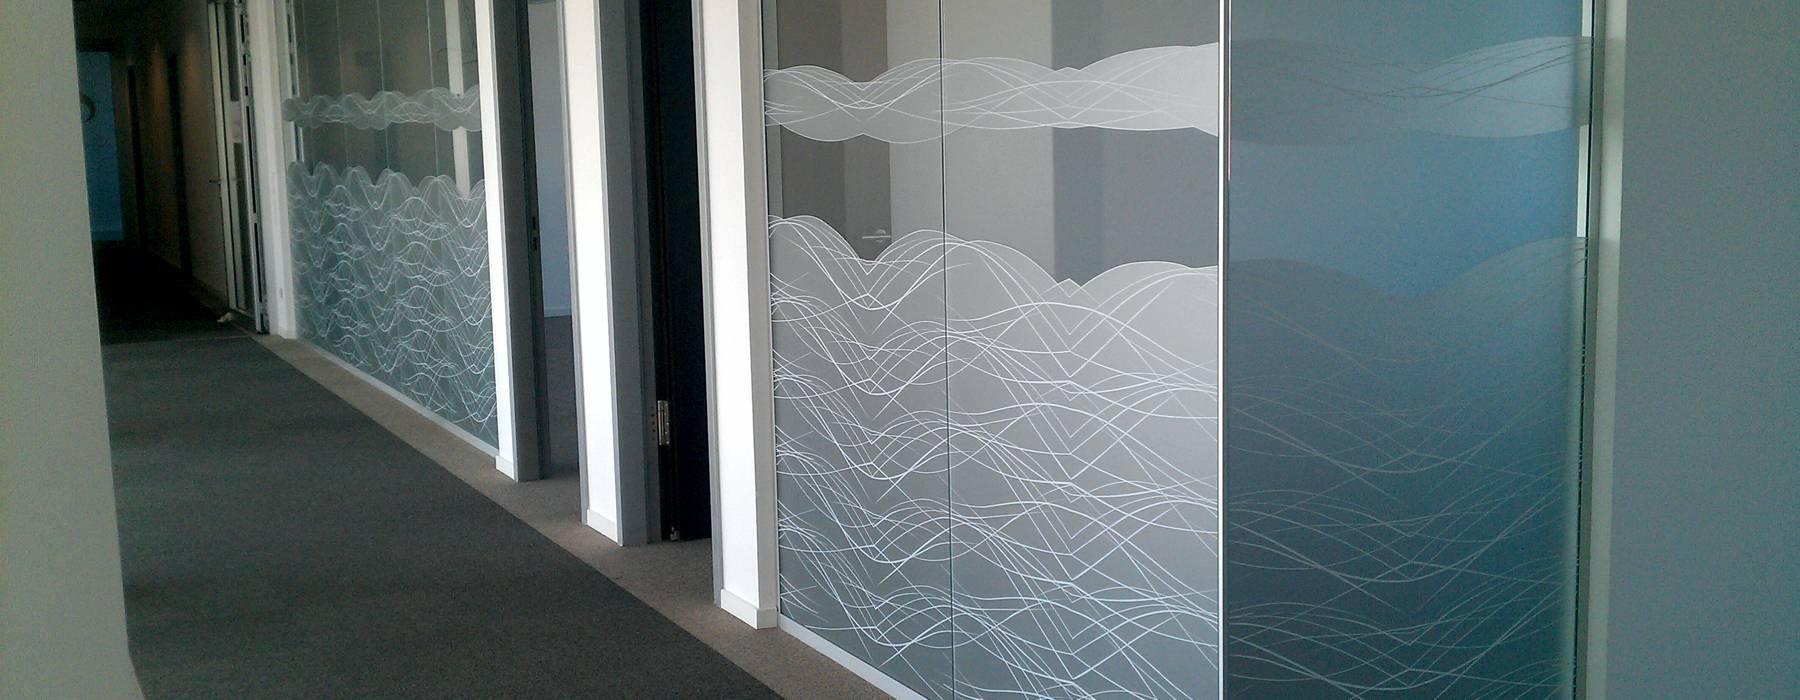 Gestaltung mit EtchedGlassFolien im Firmengebäude